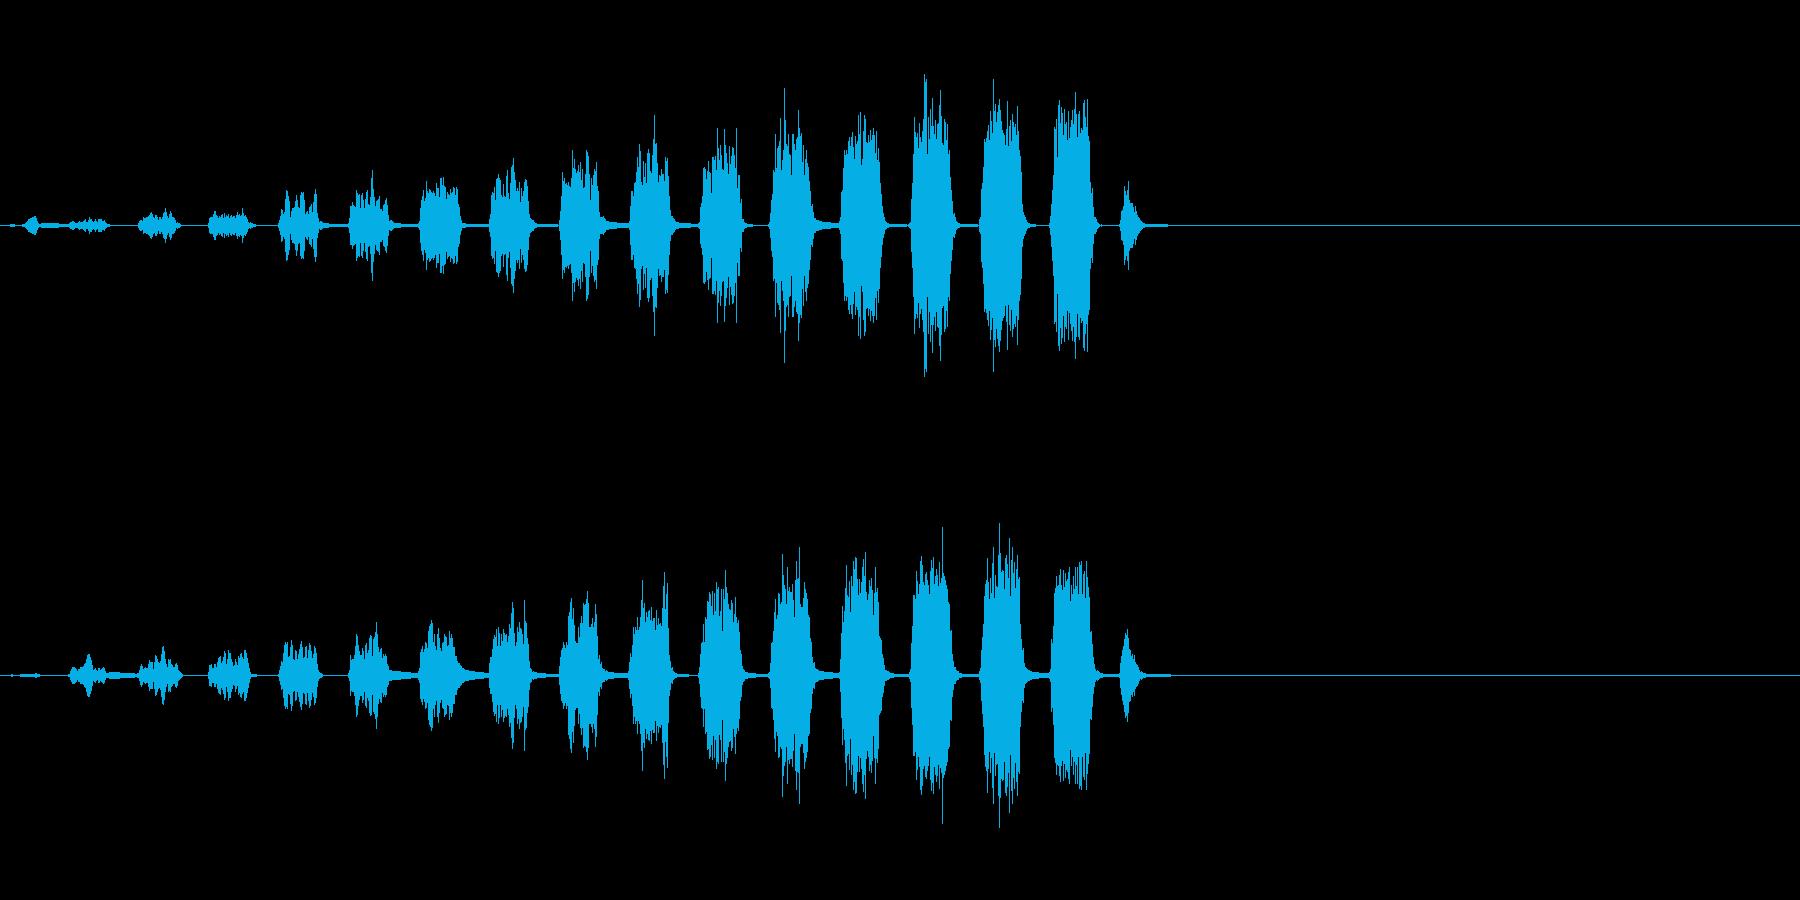 迫り来る音・ザッザッザッザッザッ!の再生済みの波形